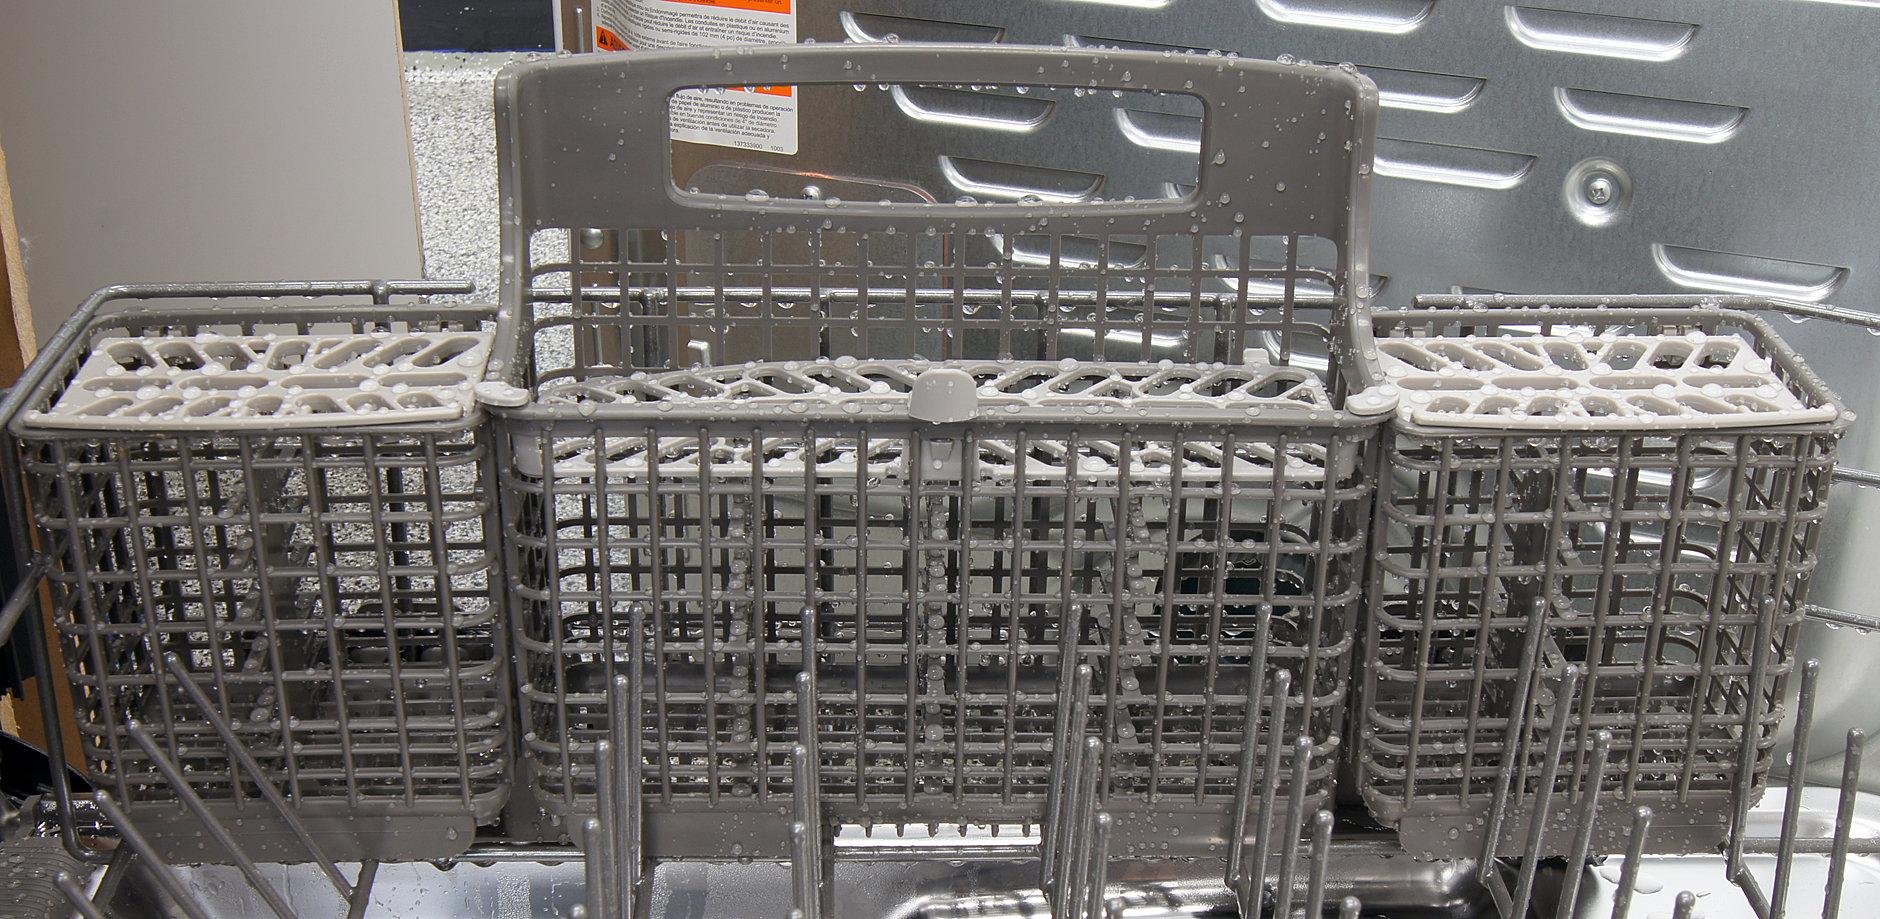 Kenmore Elite 12773 cutlery basket